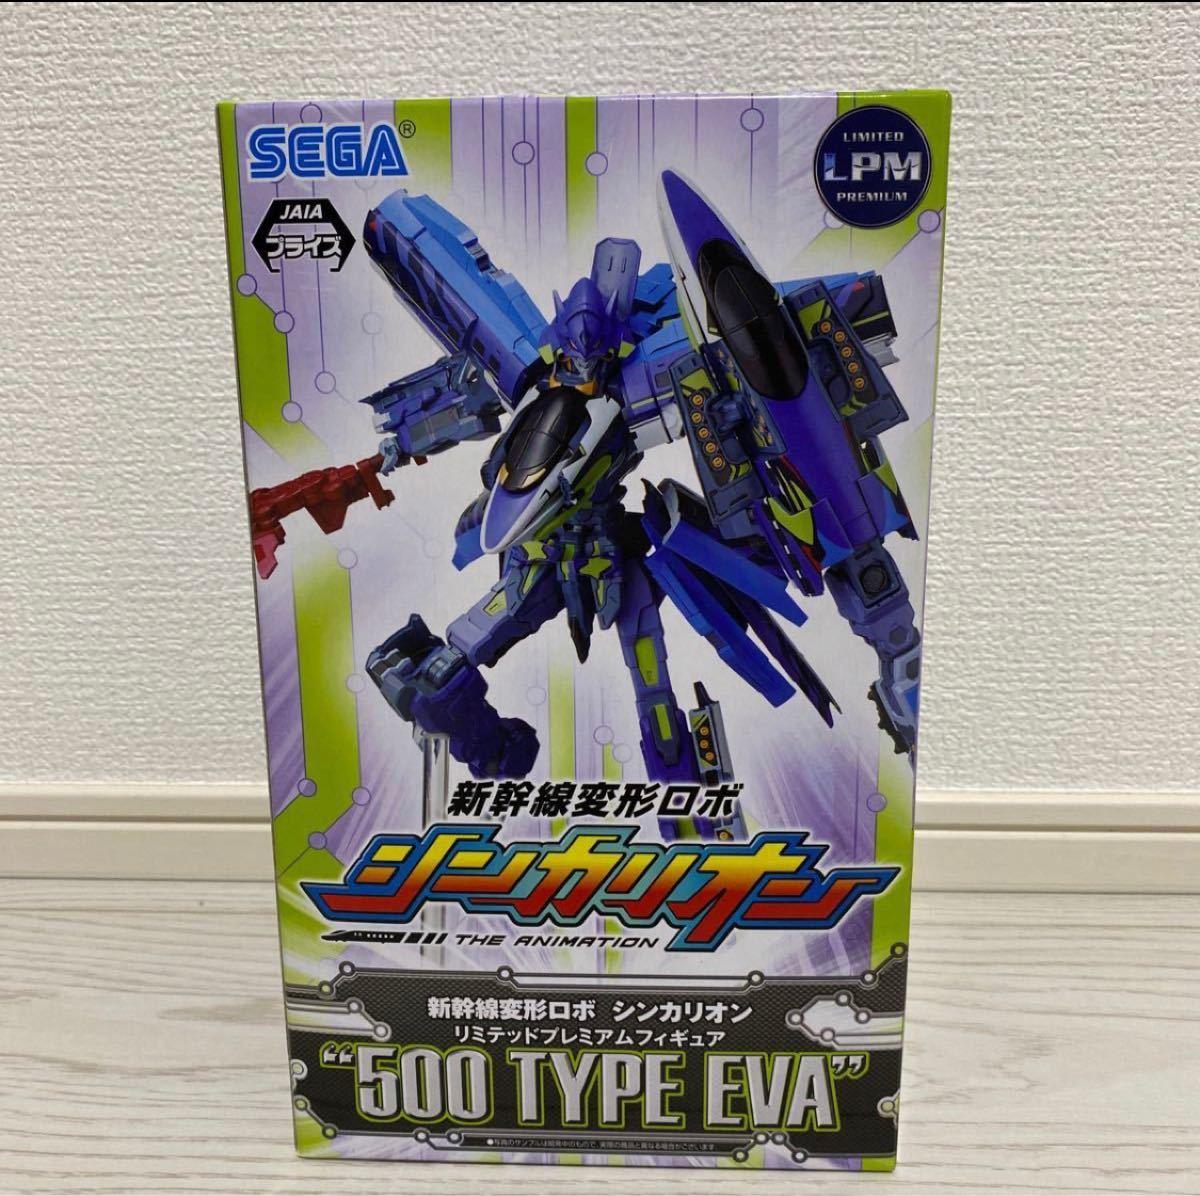 新幹線変形ロボシンカリオン 500typeEVA